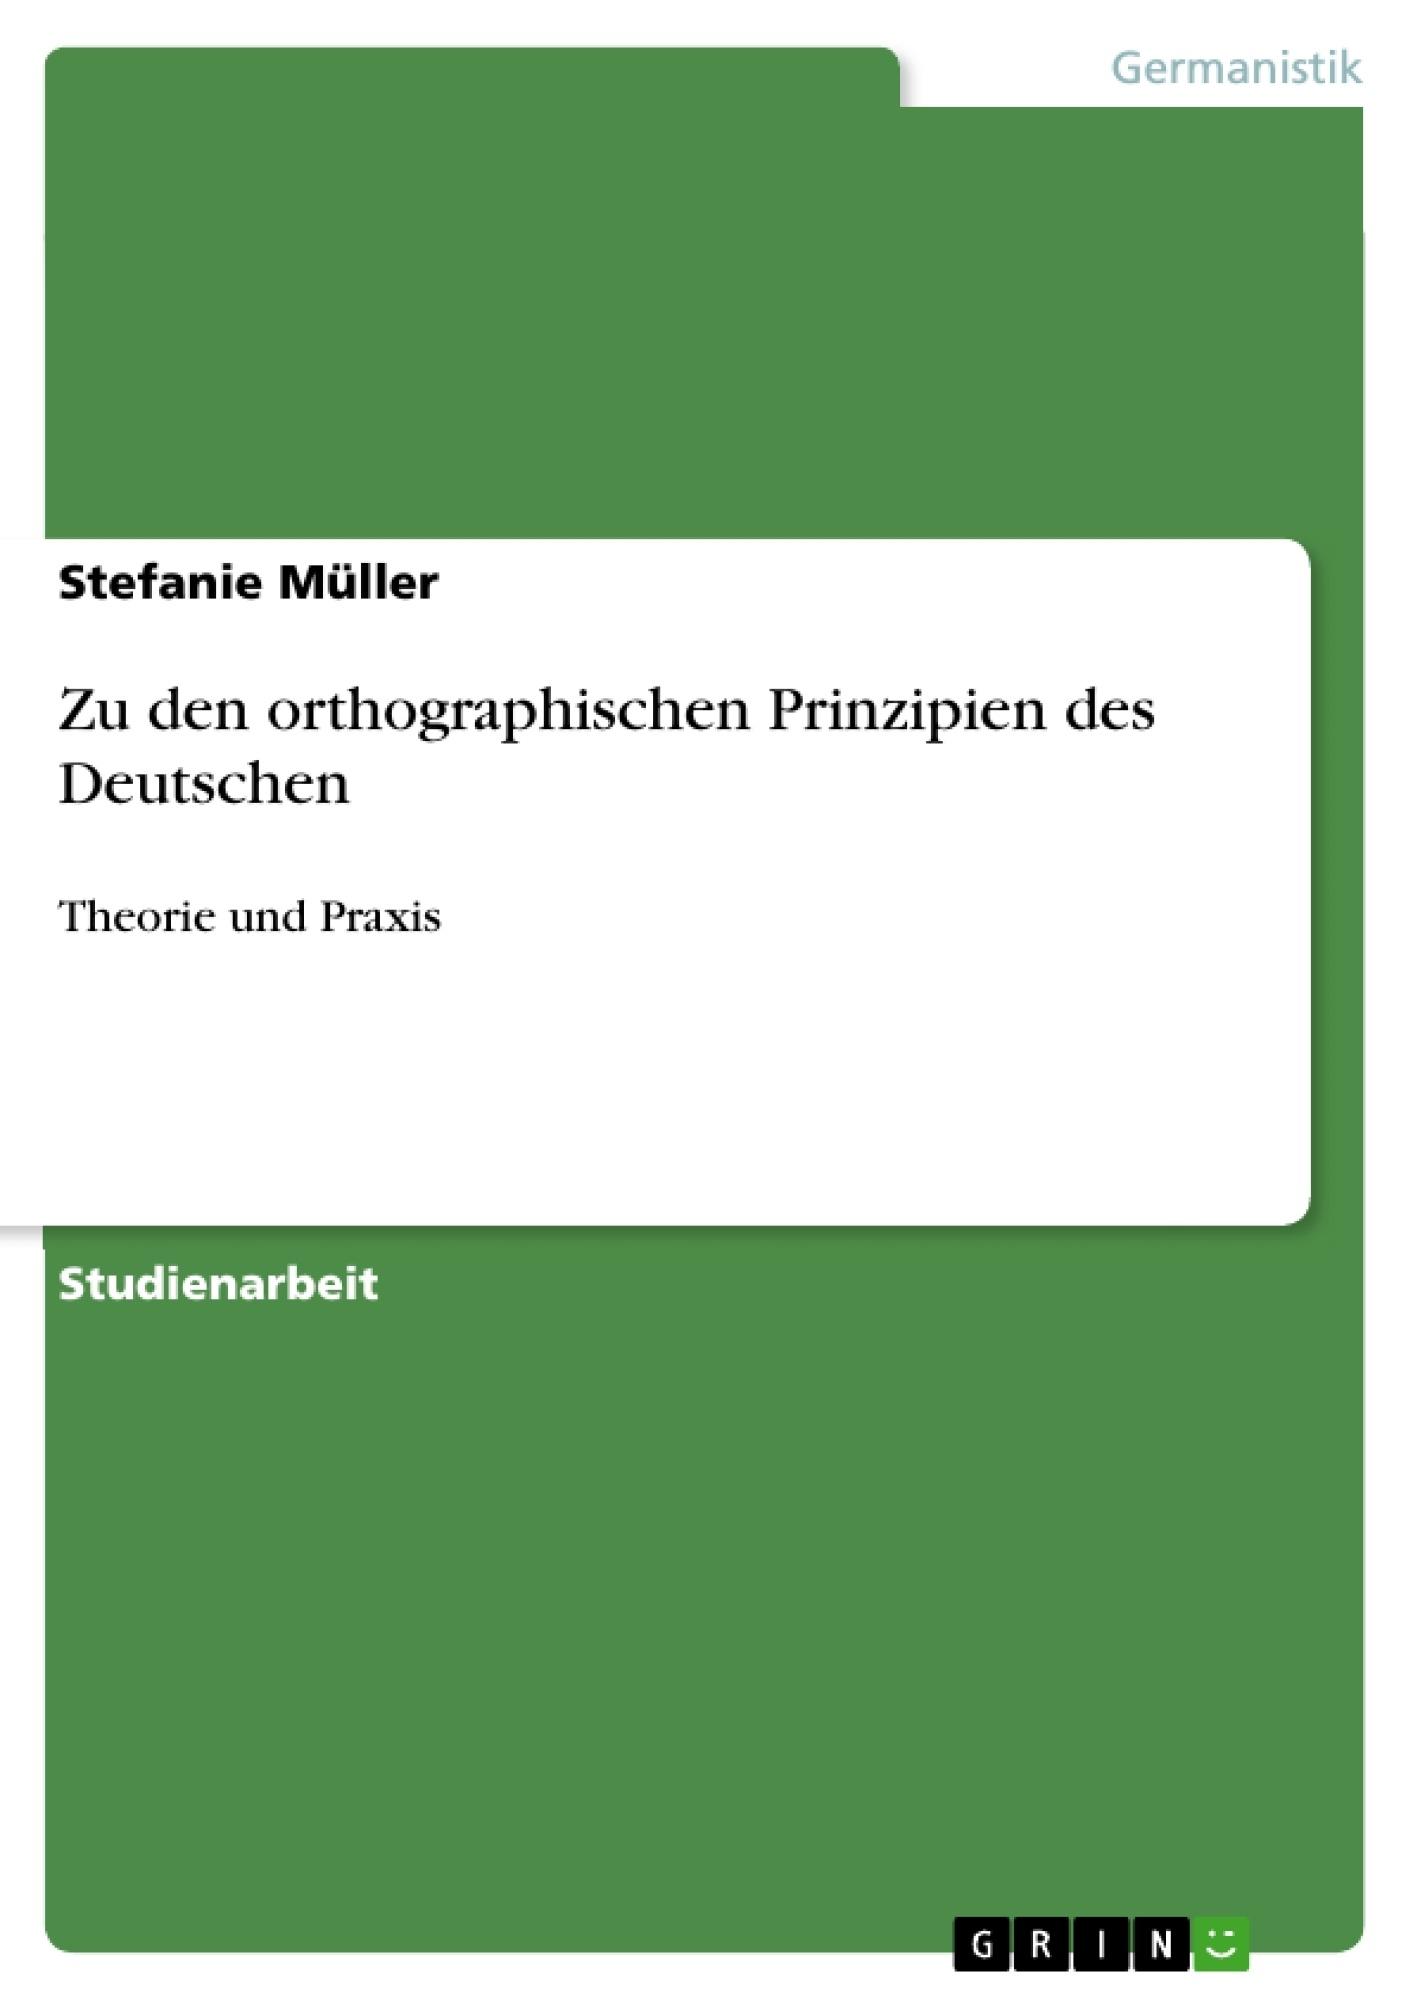 Titel: Zu den orthographischen Prinzipien des Deutschen